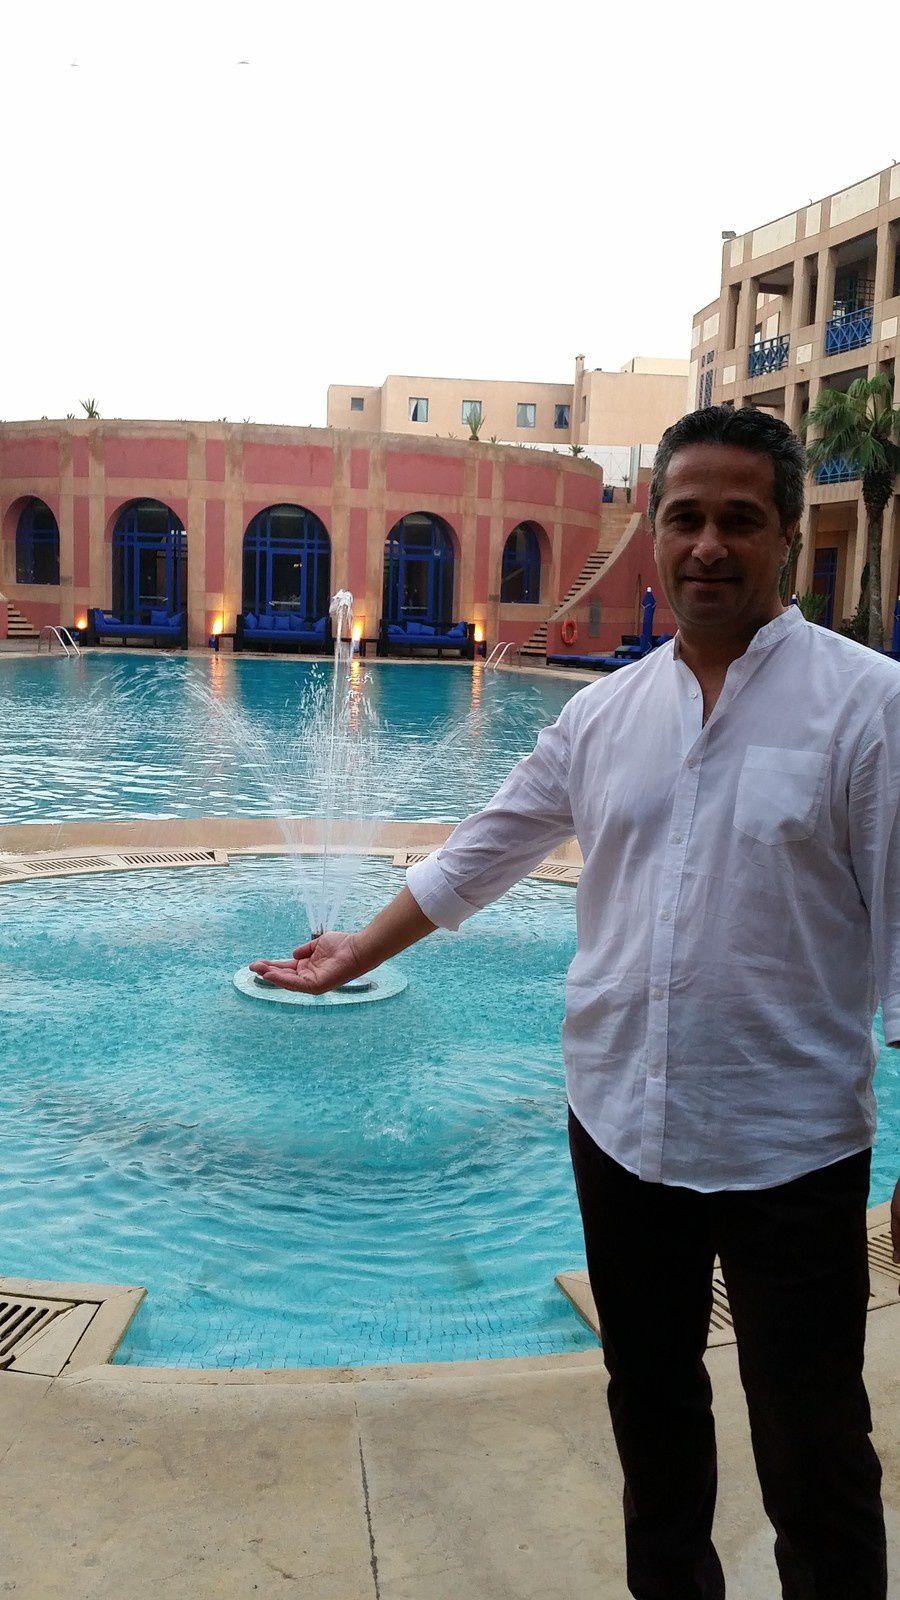 Un hôtel unique aux airs de Riad marocain, �entre Médina et océan �Caressé par le souffle des alizés, le Médina Essaouira Hotel Thalassa sea & spa ressemble à un sublime riad marocain avec sa façade pourpre. À l'intérieur, la décoration, entre raffinement oriental et influences contemporaines, accueille les visiteurs durant leurs vacances à thèmes. Cet hôtel unique est marqué par un art de vivre à la marocaine hospitalier et chaleureux.�� Hébergement, restauration, répétitions, zumba ou stretching, détente au bord de la piscine, sur la plage, convivialité autour d'un verre... c'est dans un seul et même lieu, dédié à la musique, au calme, à la bonne humeur, au sport, que ''Musiques au Pic Blanc'' s'exporte pour la 1ère fois au soleil du Maroc.